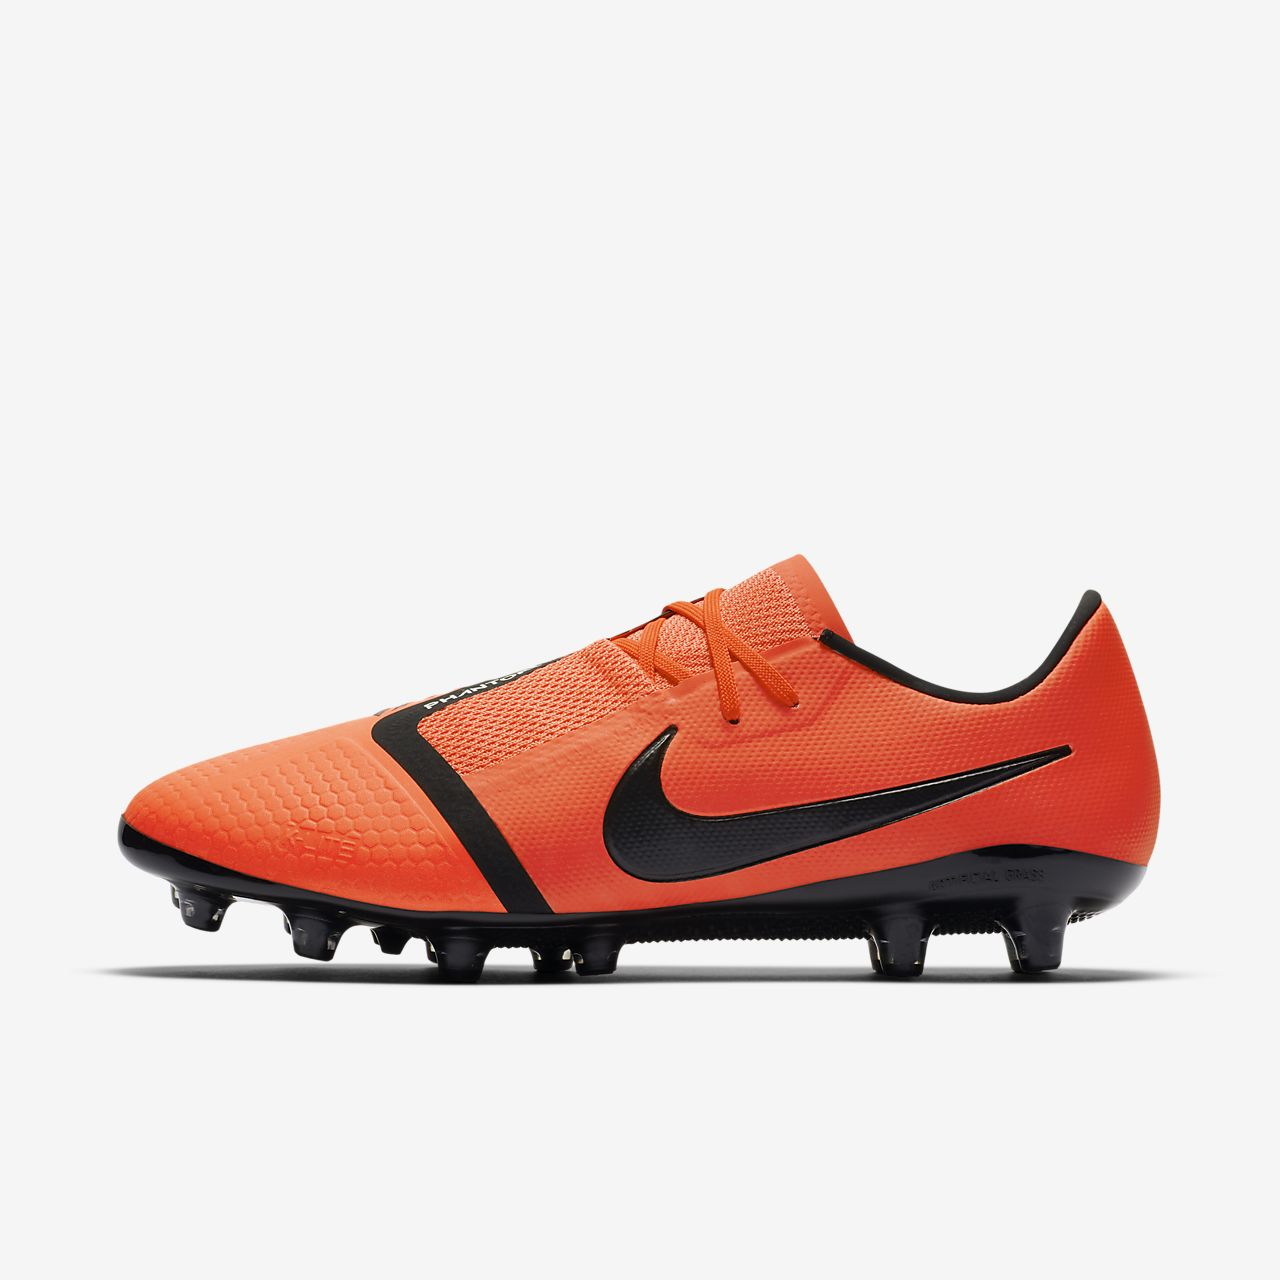 Nike Phantom Venom Pro AG-Pro Artificial-Grass Football Boot